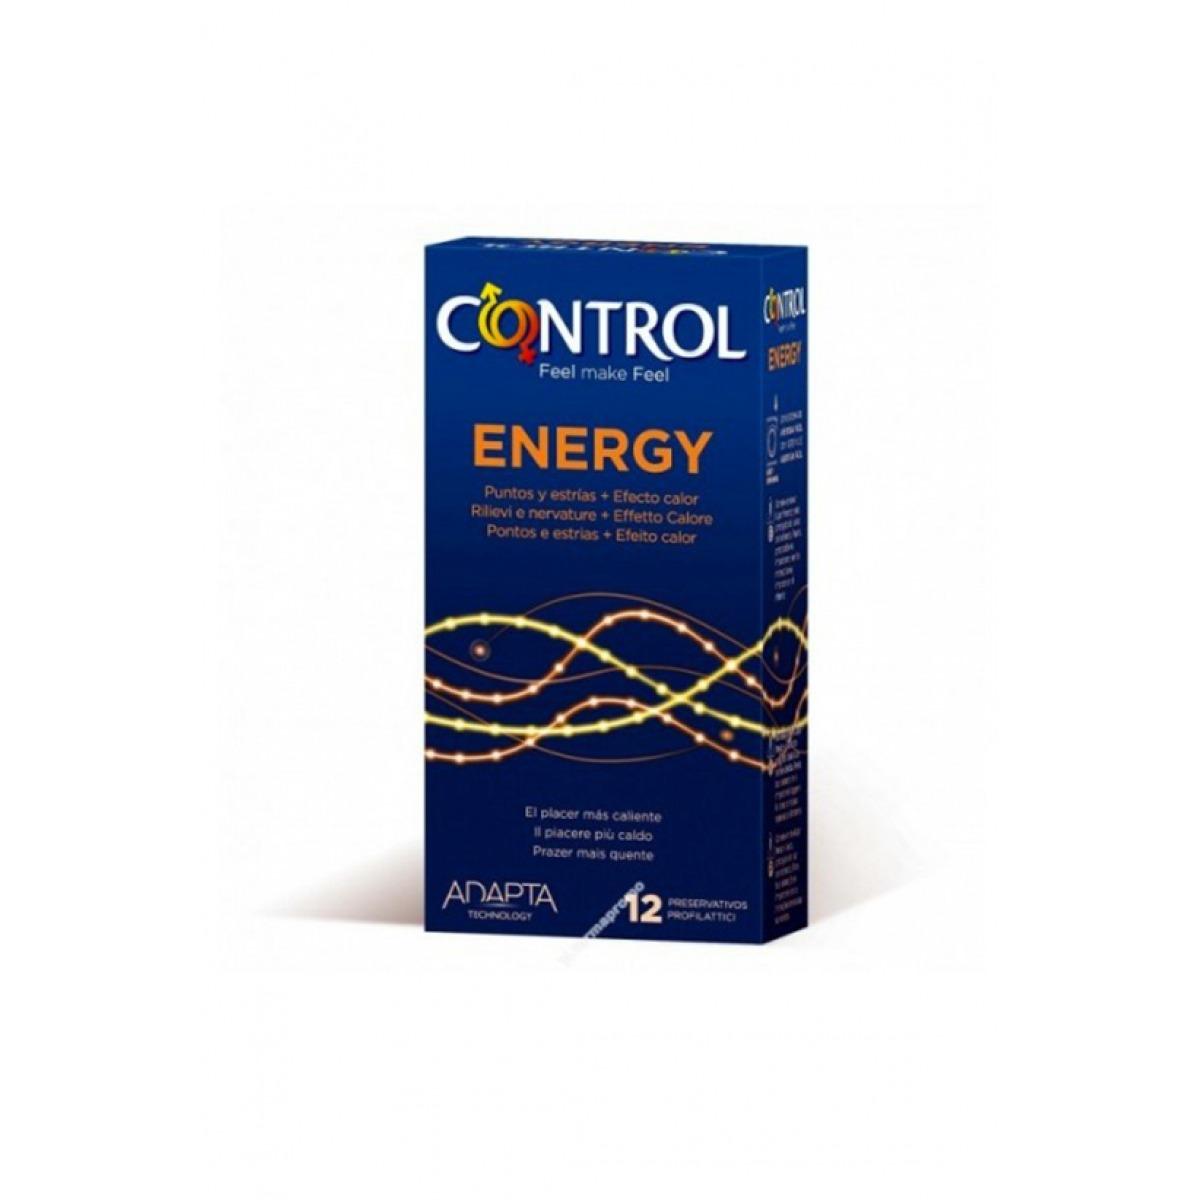 CONTROL PRESERVATIVOS ENERGY 12 UNIDADES